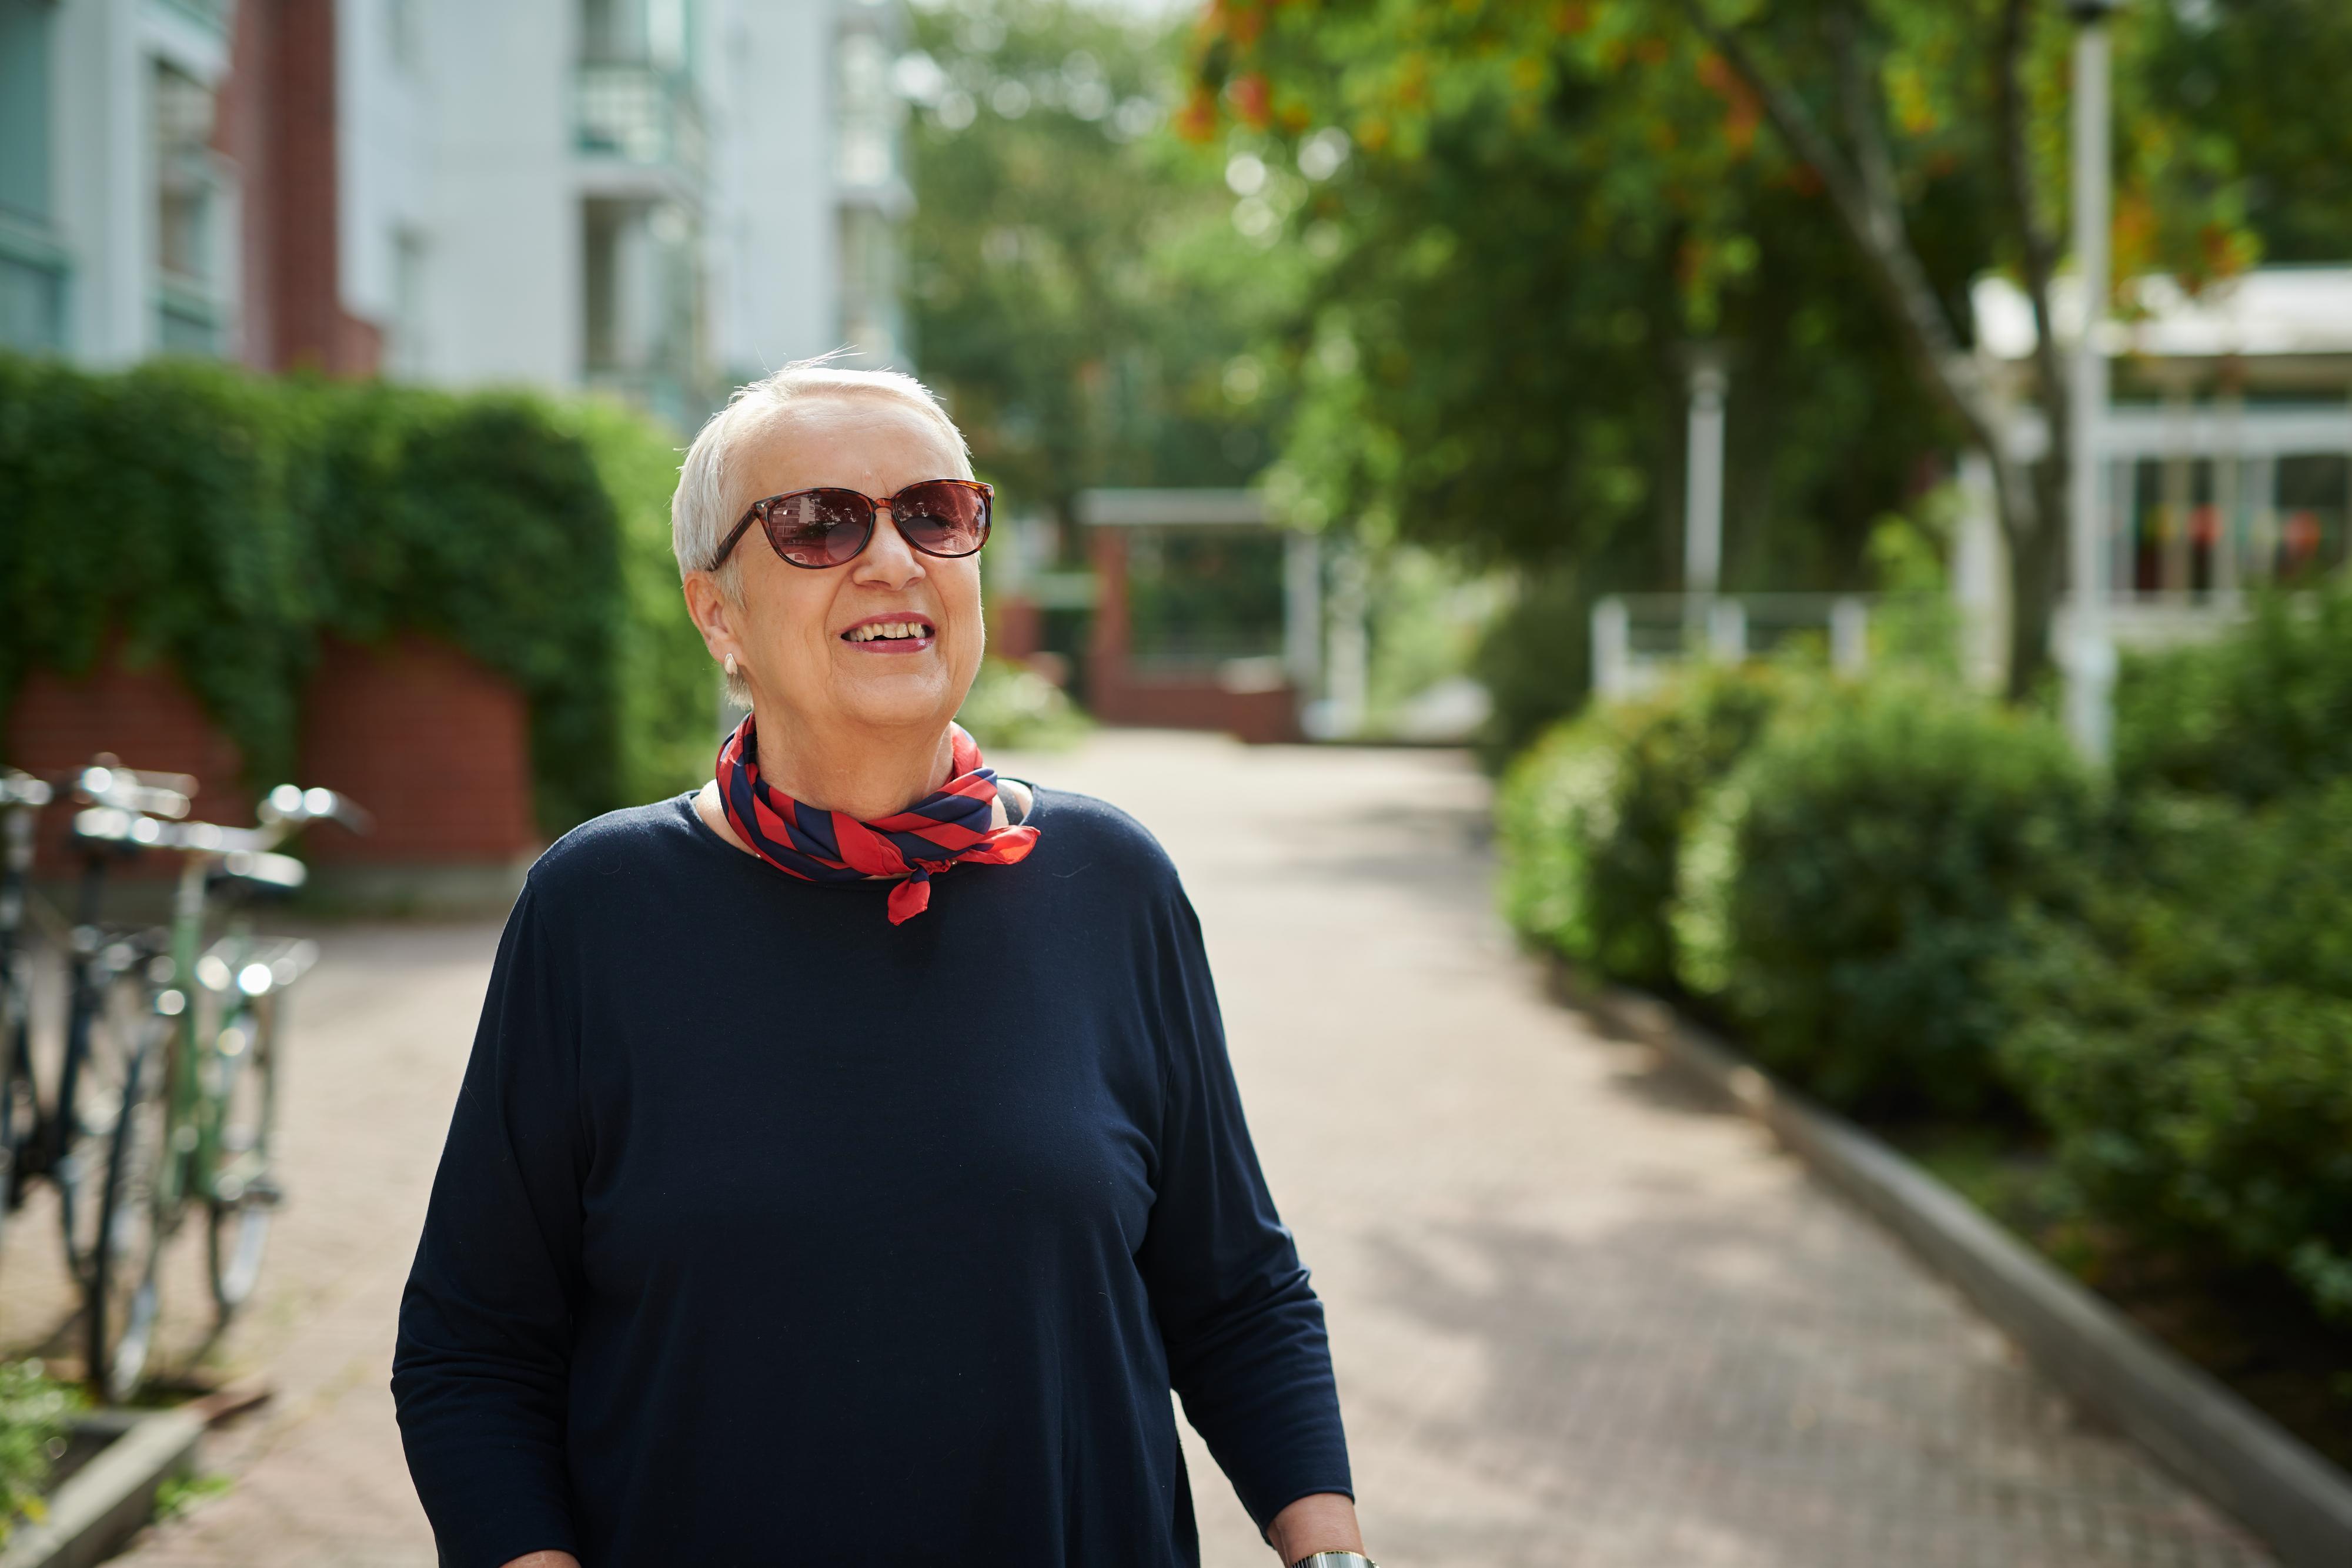 Vanhempi nainen ulkona aurinkolasit silmillä